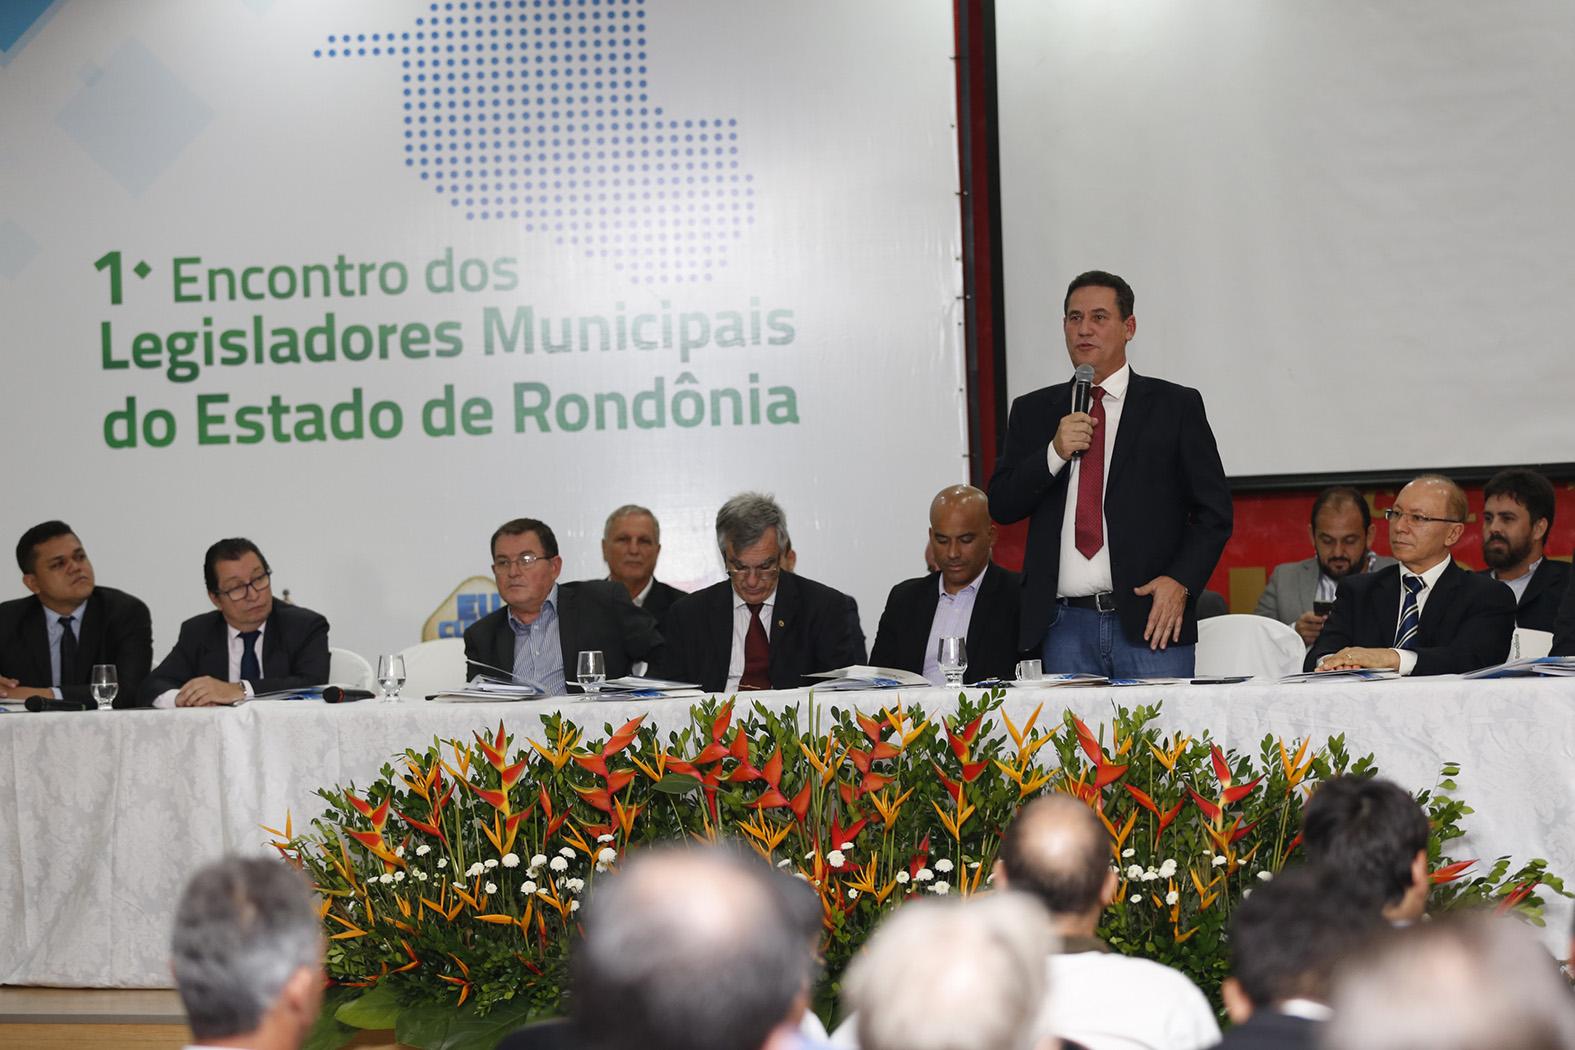 maurao-ressalta-papel-dos-vereadores-na-construcao-de-municipios-fortes.jpg